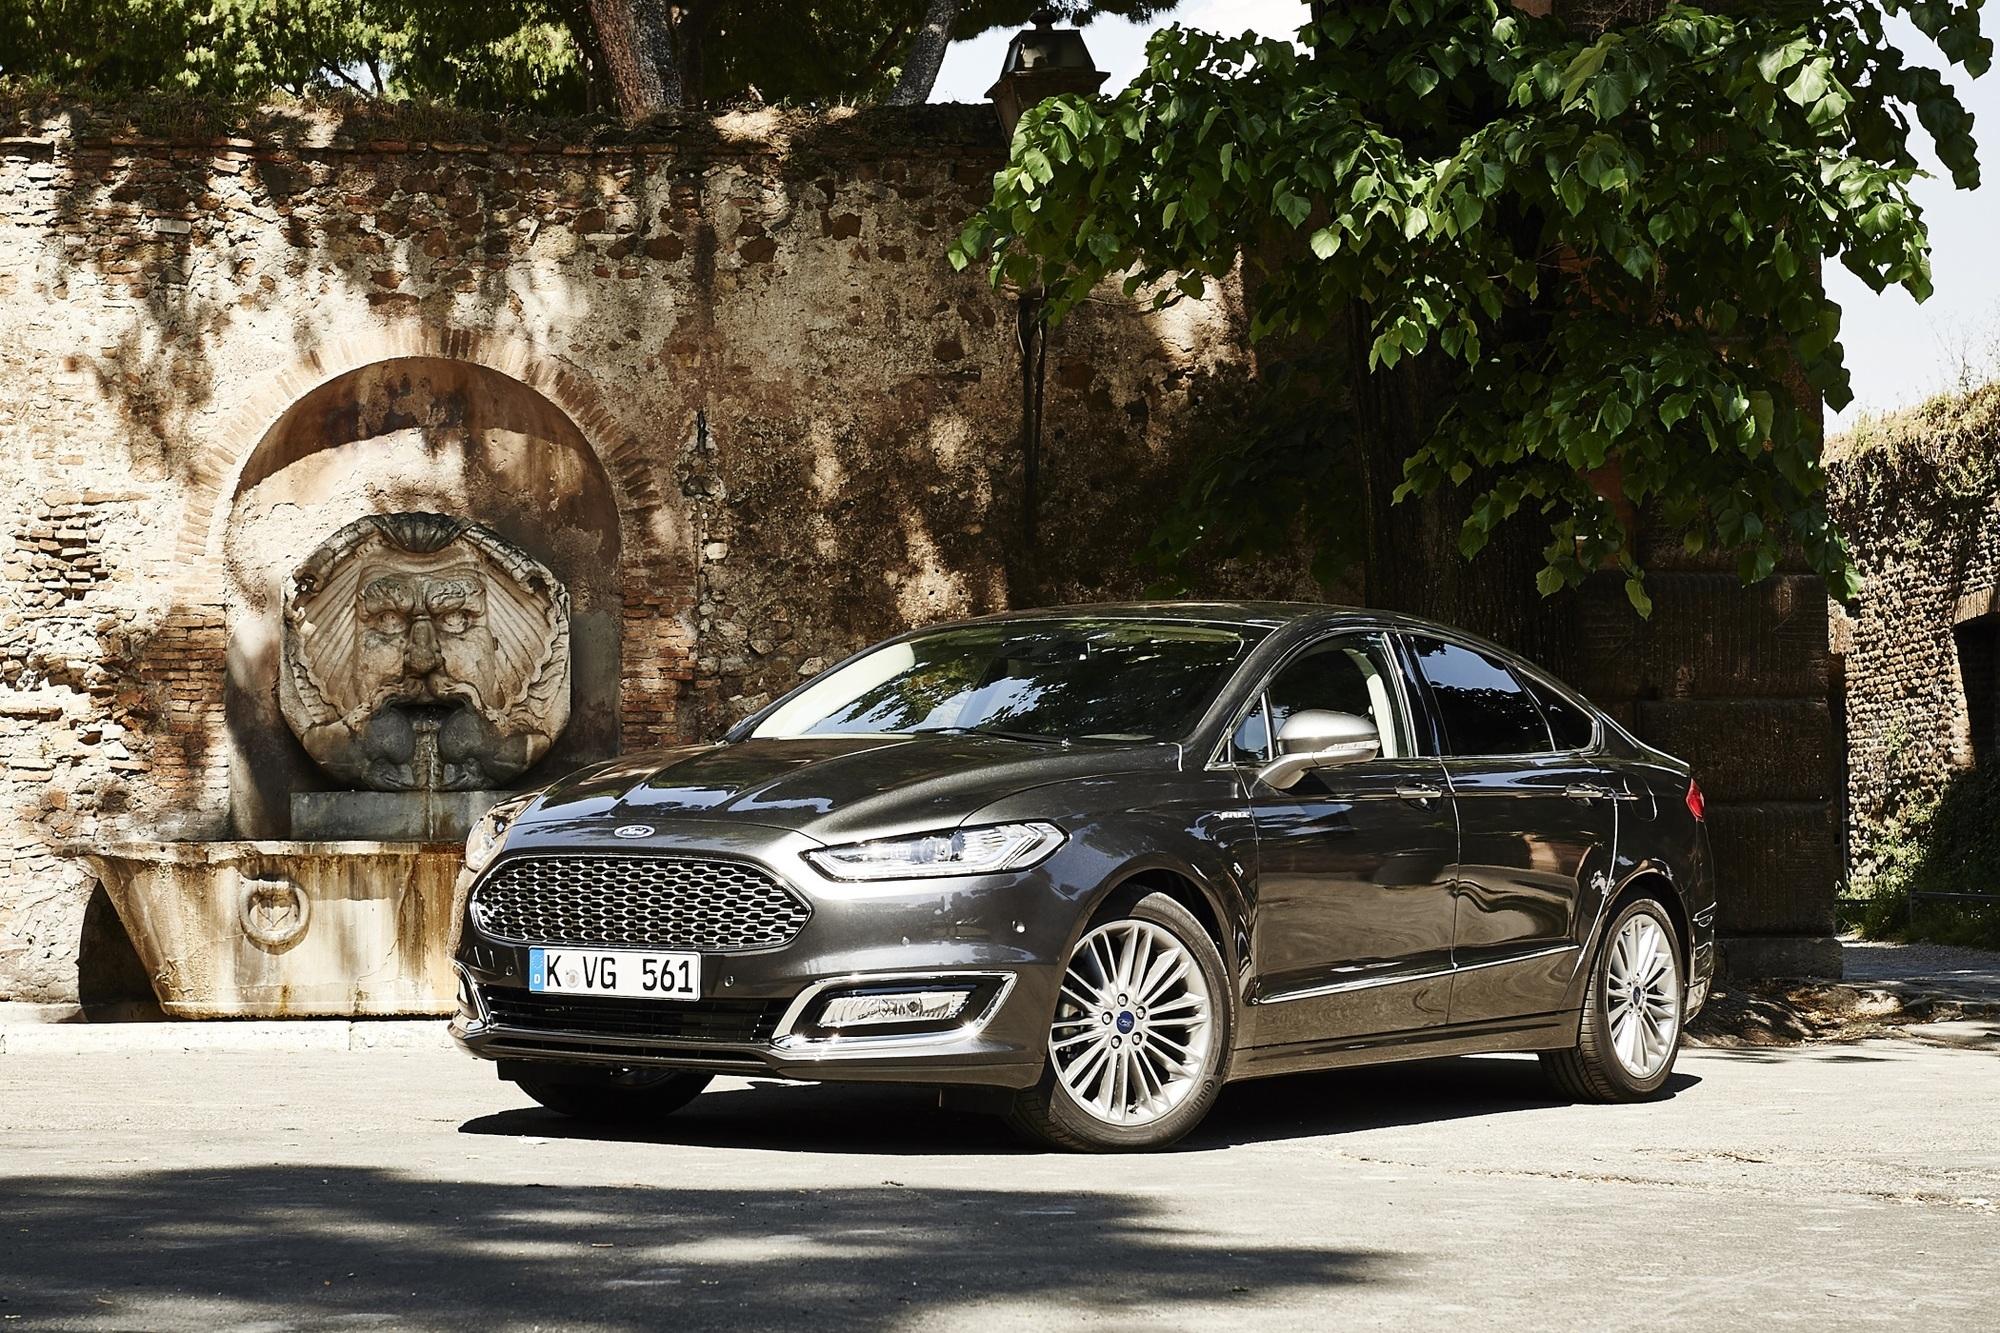 Fahrbericht: Ford Mondeo Vignale - In der Ruhe liegt die Kraft